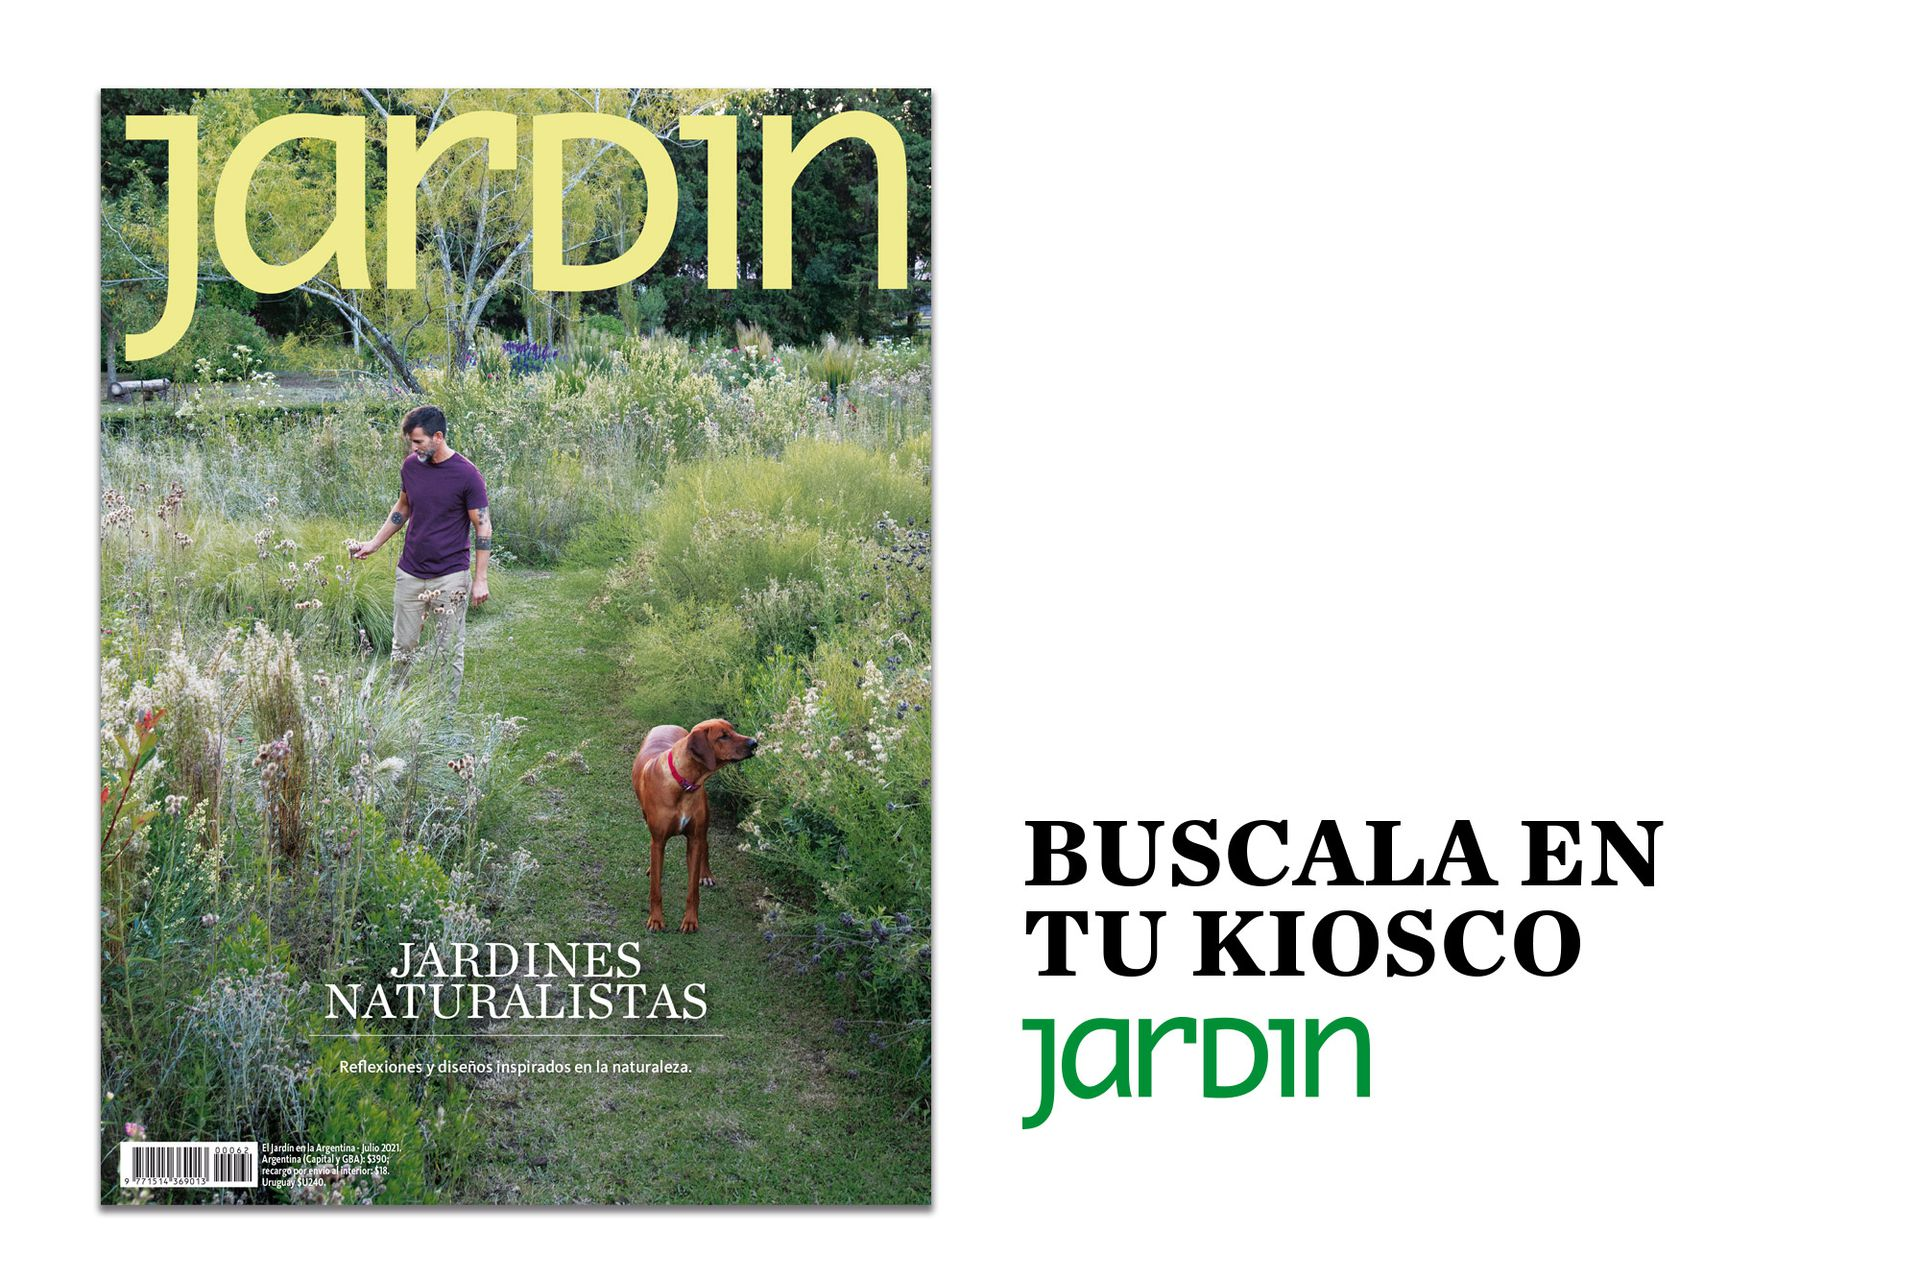 En julio, Jardín dedica una edición especial a los jardines naturalistas.